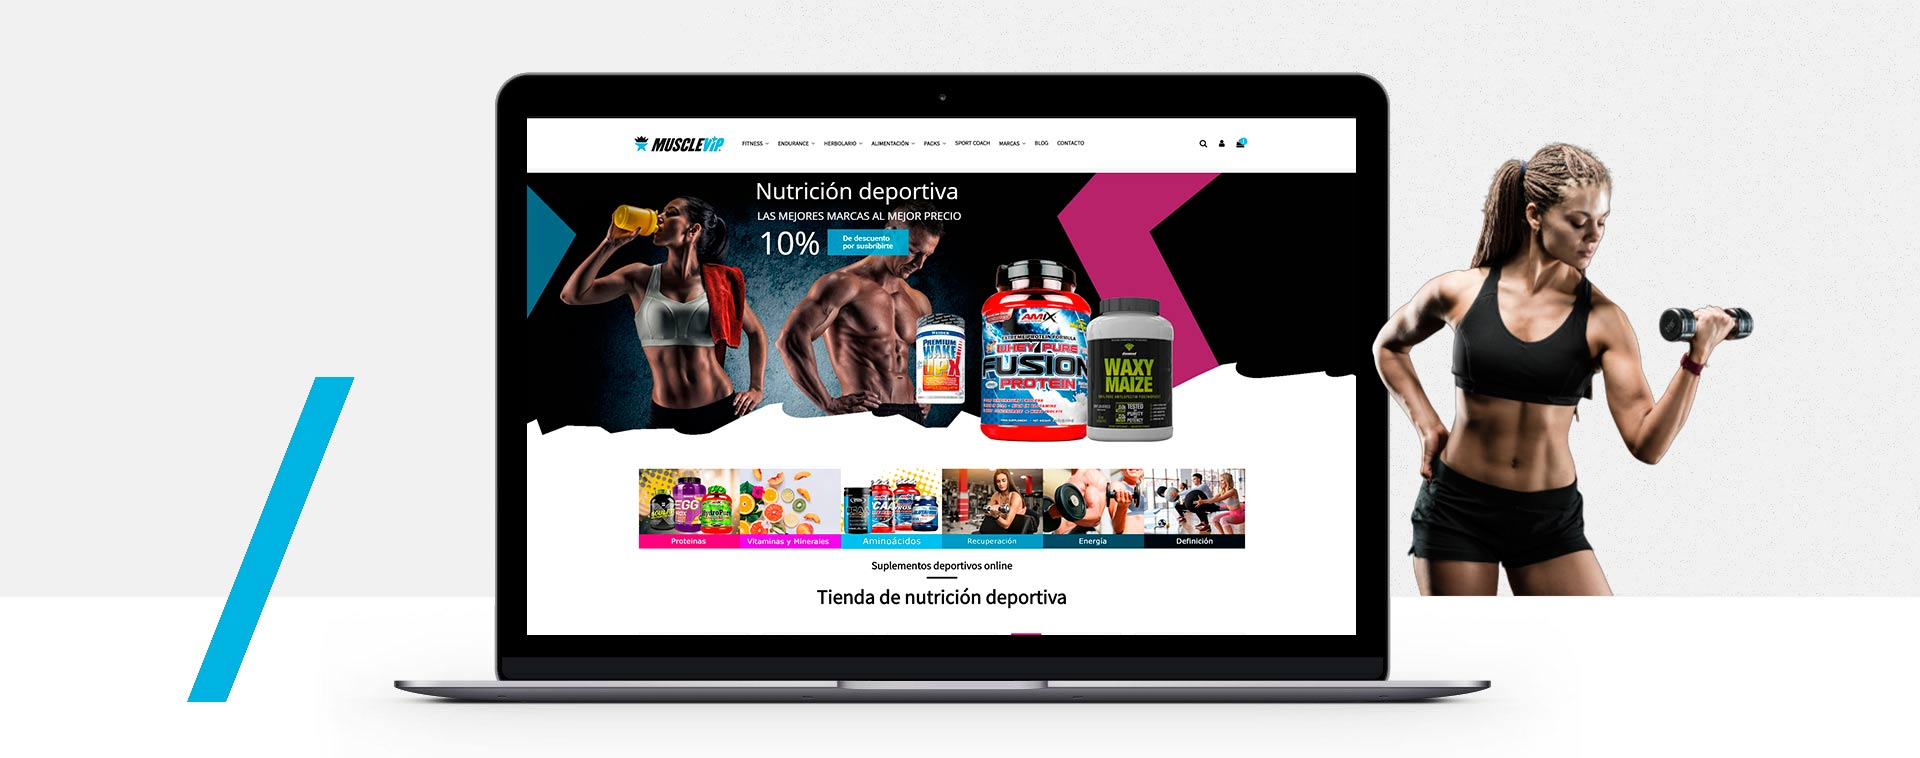 Presentacion diseño de tienda online de nutrición deportiva Benalmádena (Málaga)